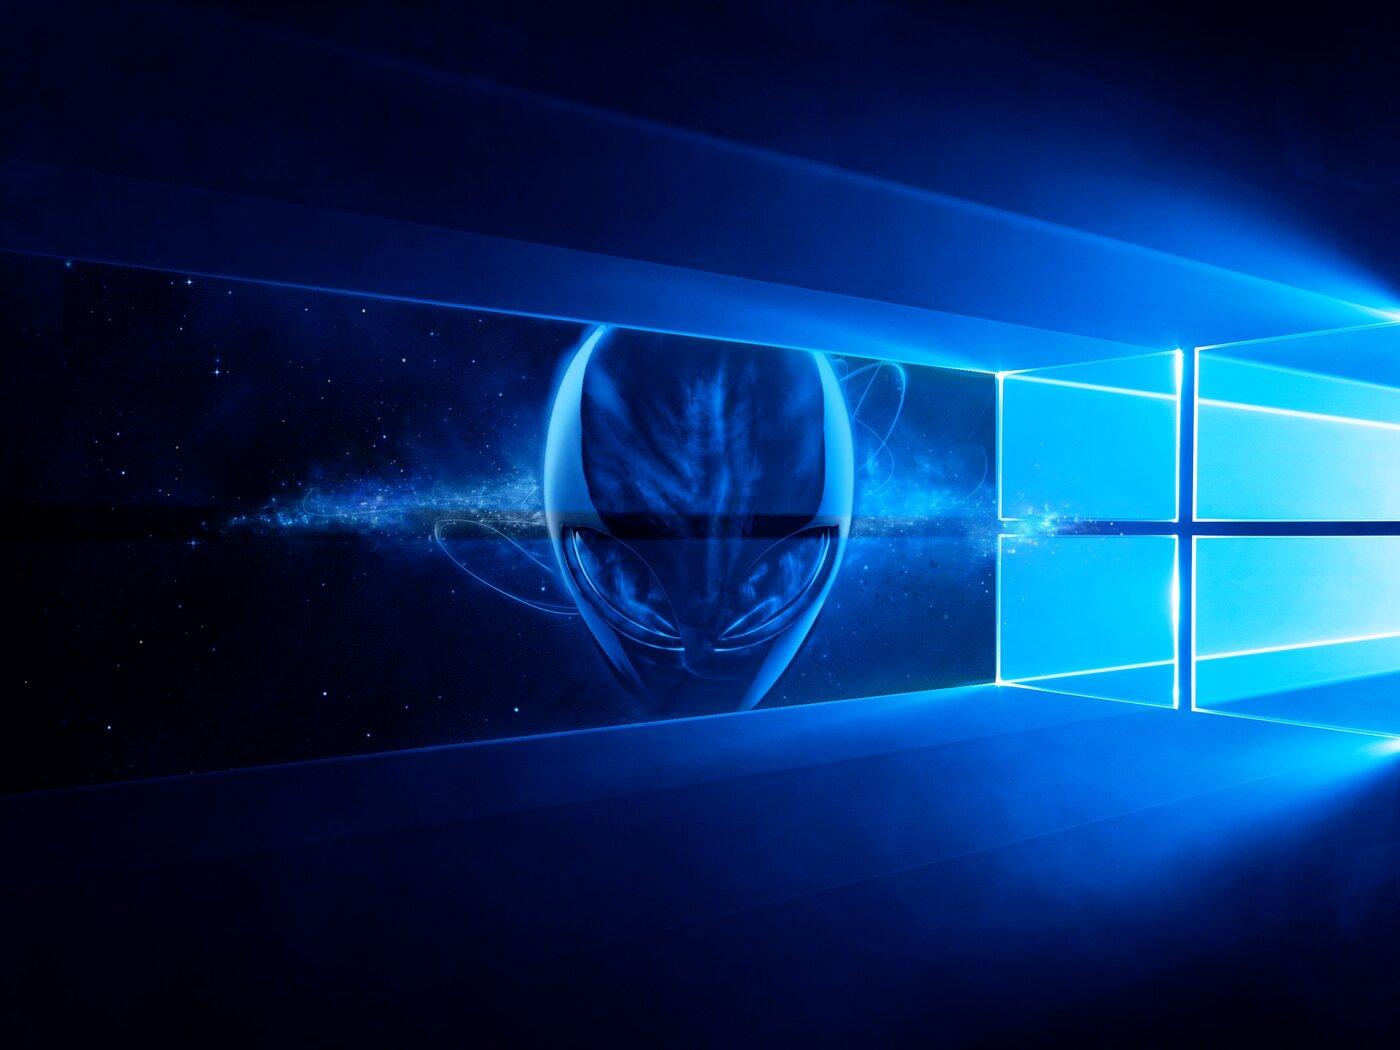 alienware-windows-10-dc.jpg